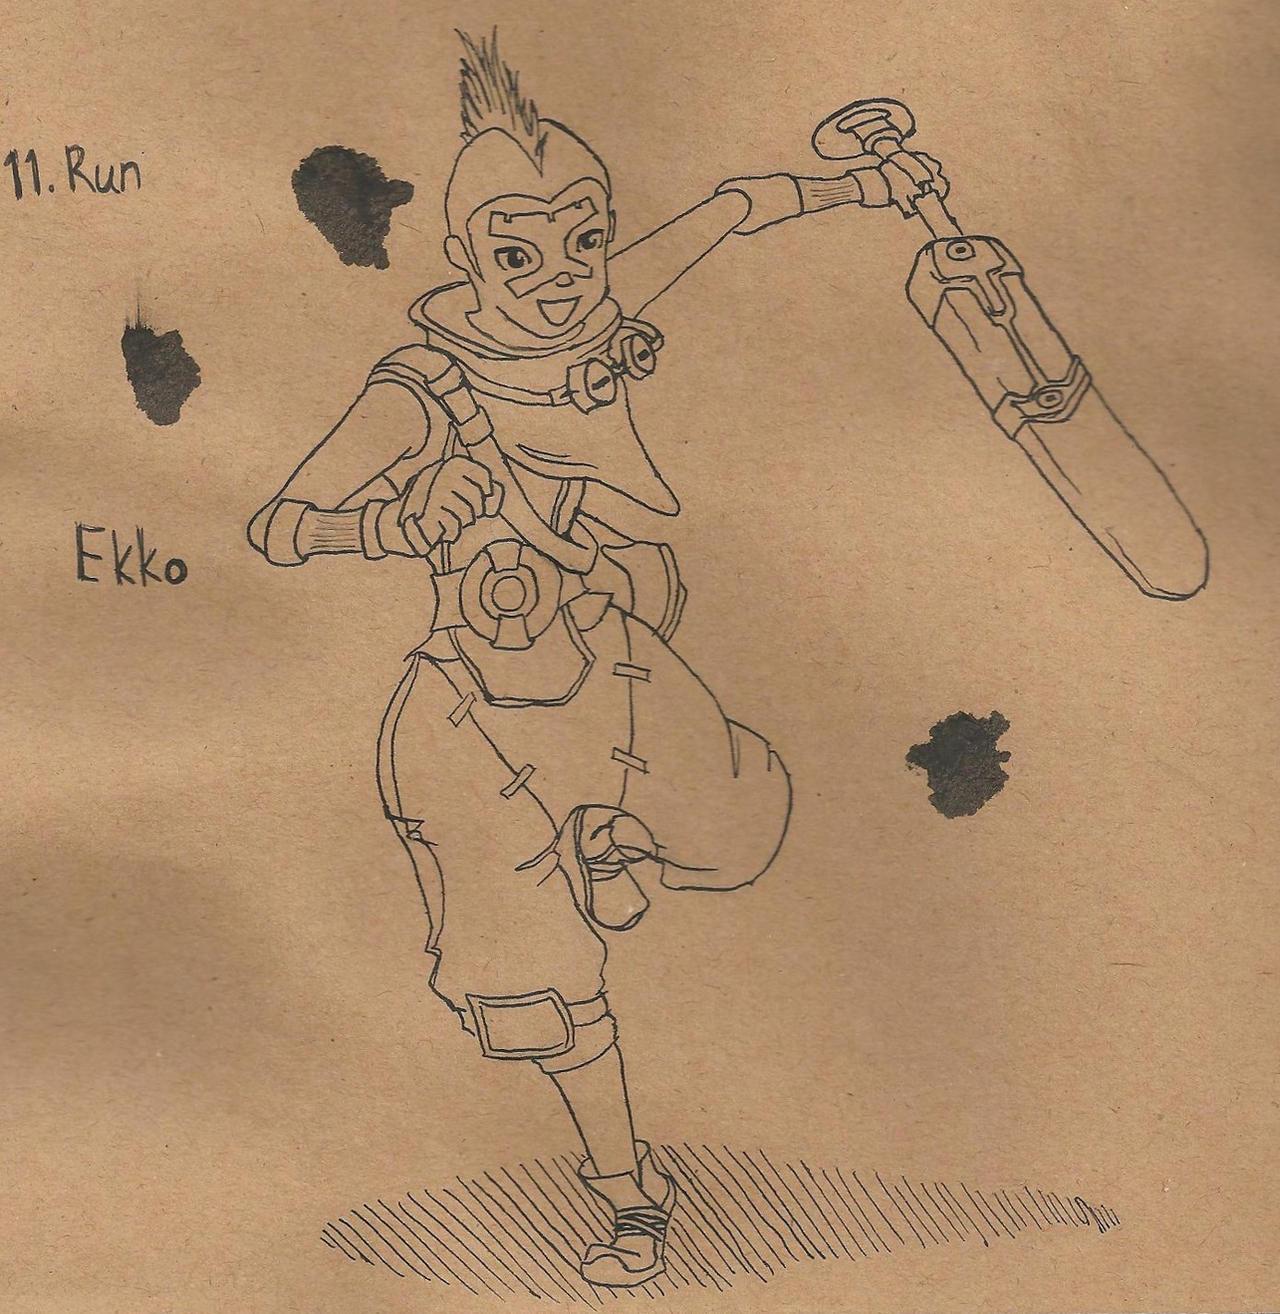 11. Run - Ekko